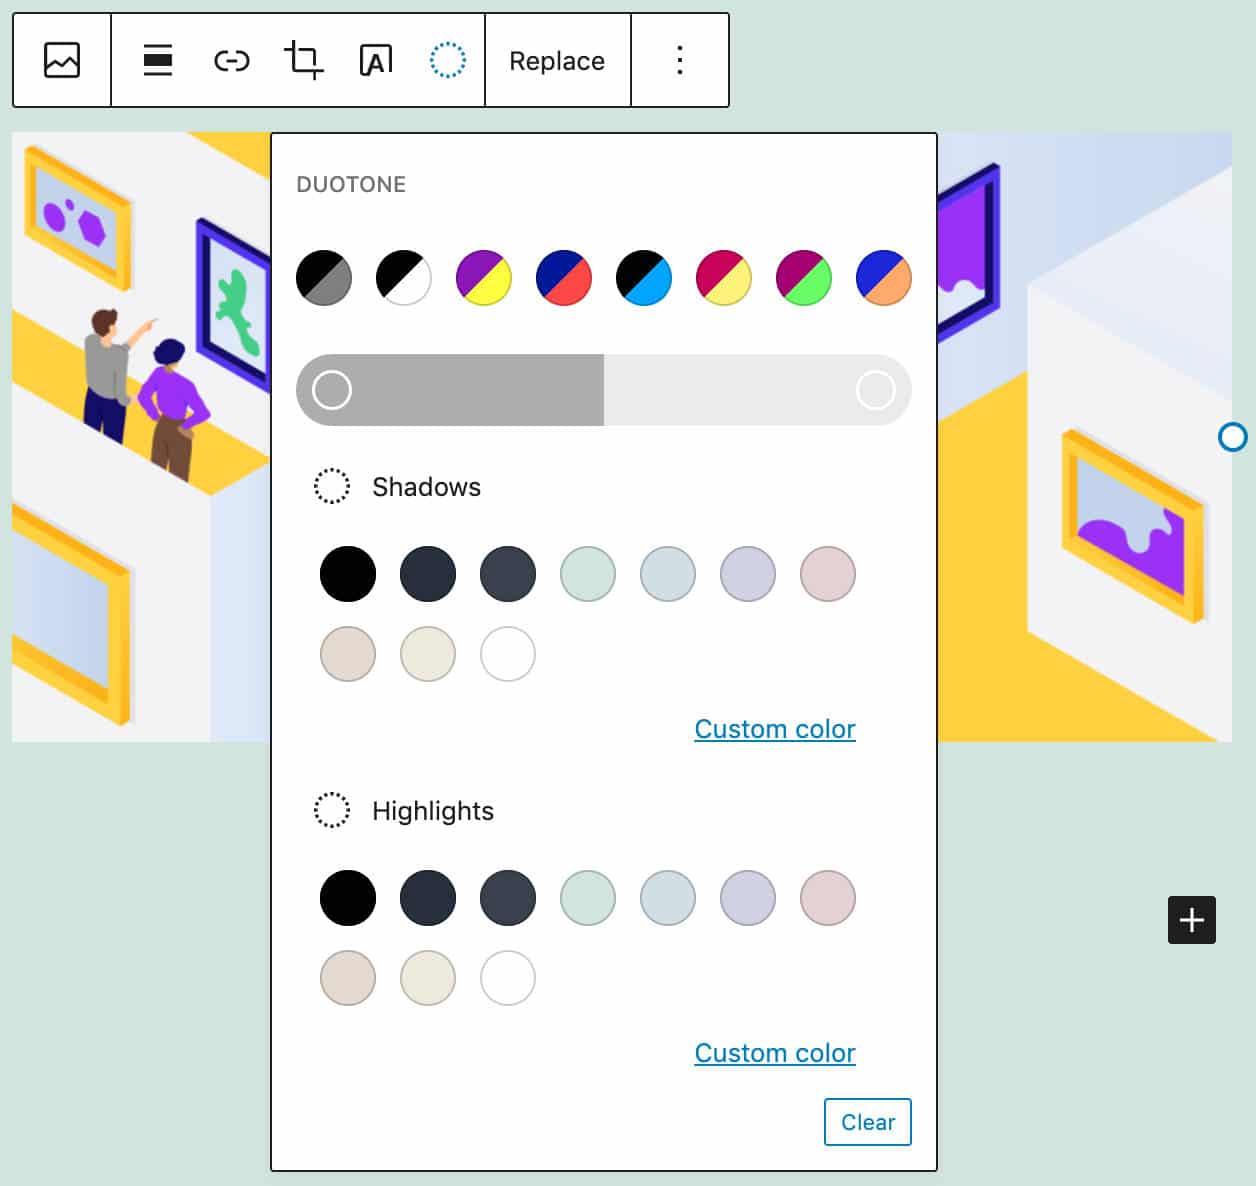 Nueva herramienta de diseño de dos tonos en el bloque de imágenes.